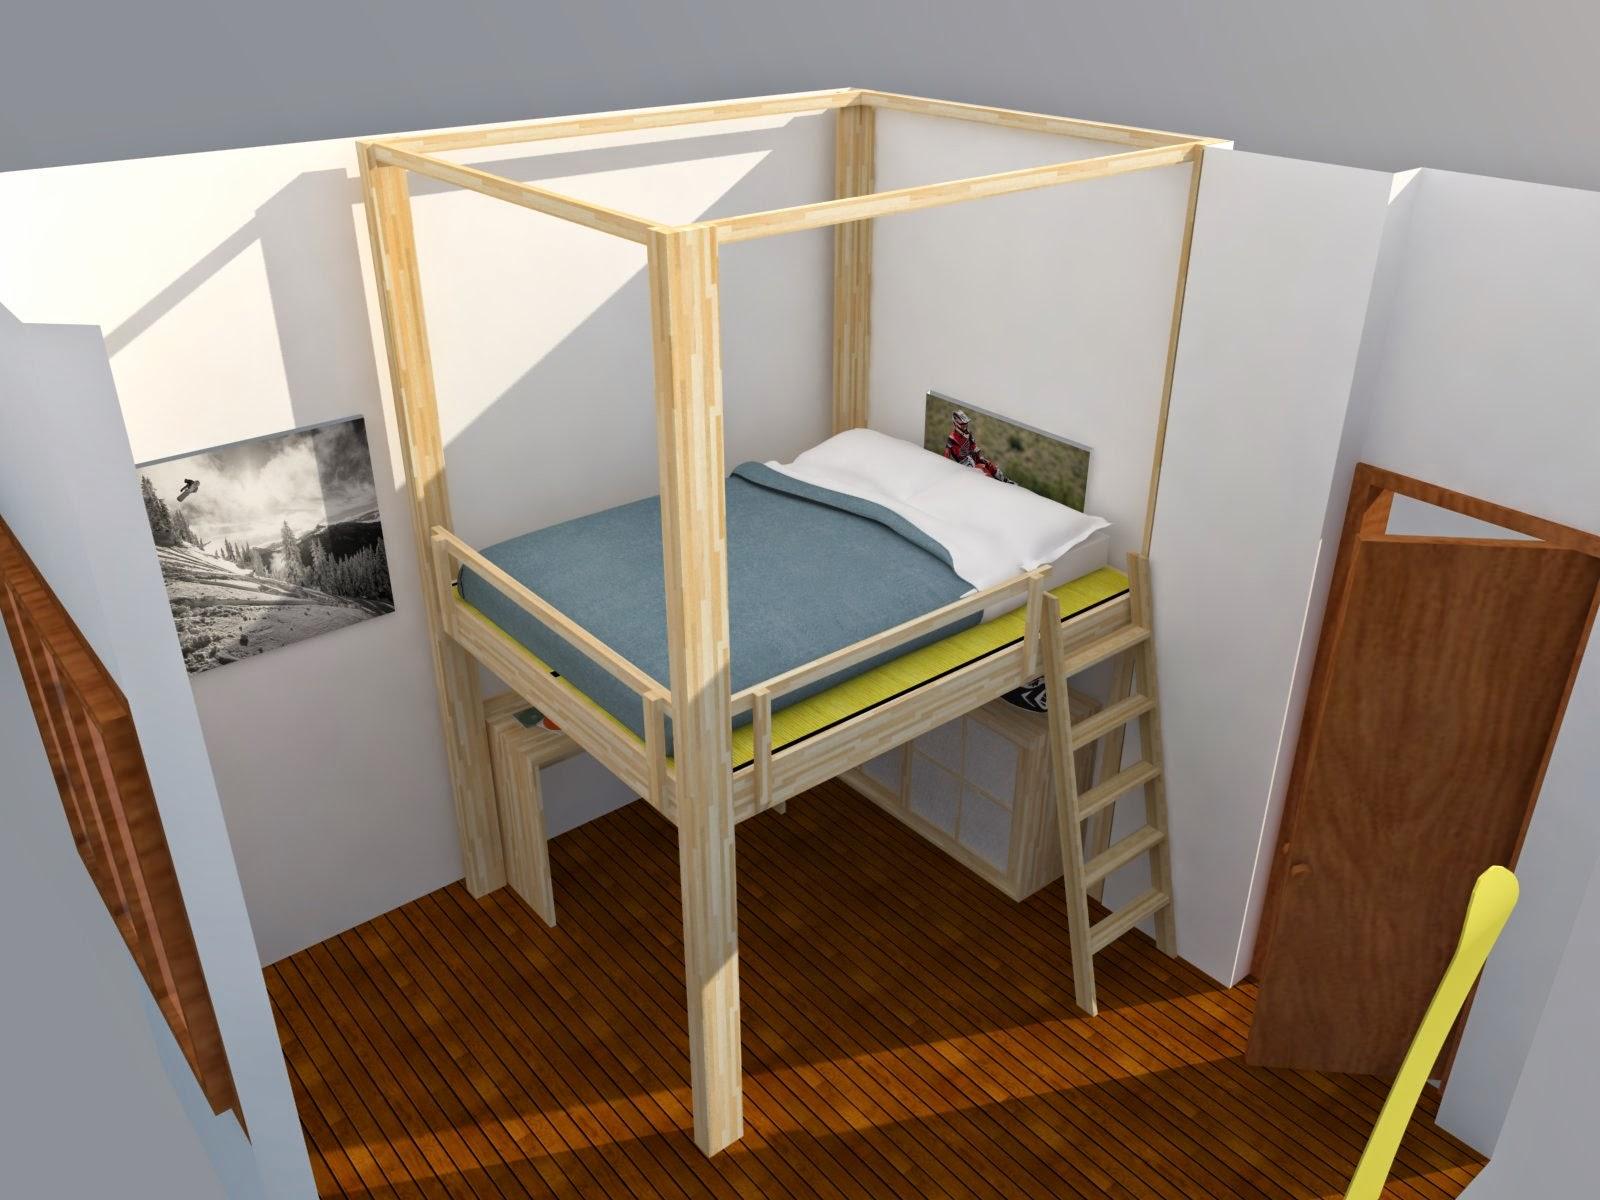 Costruire Un Letto In Legno Massello : Come costruire un letto in legno. letto pallet with come costruire